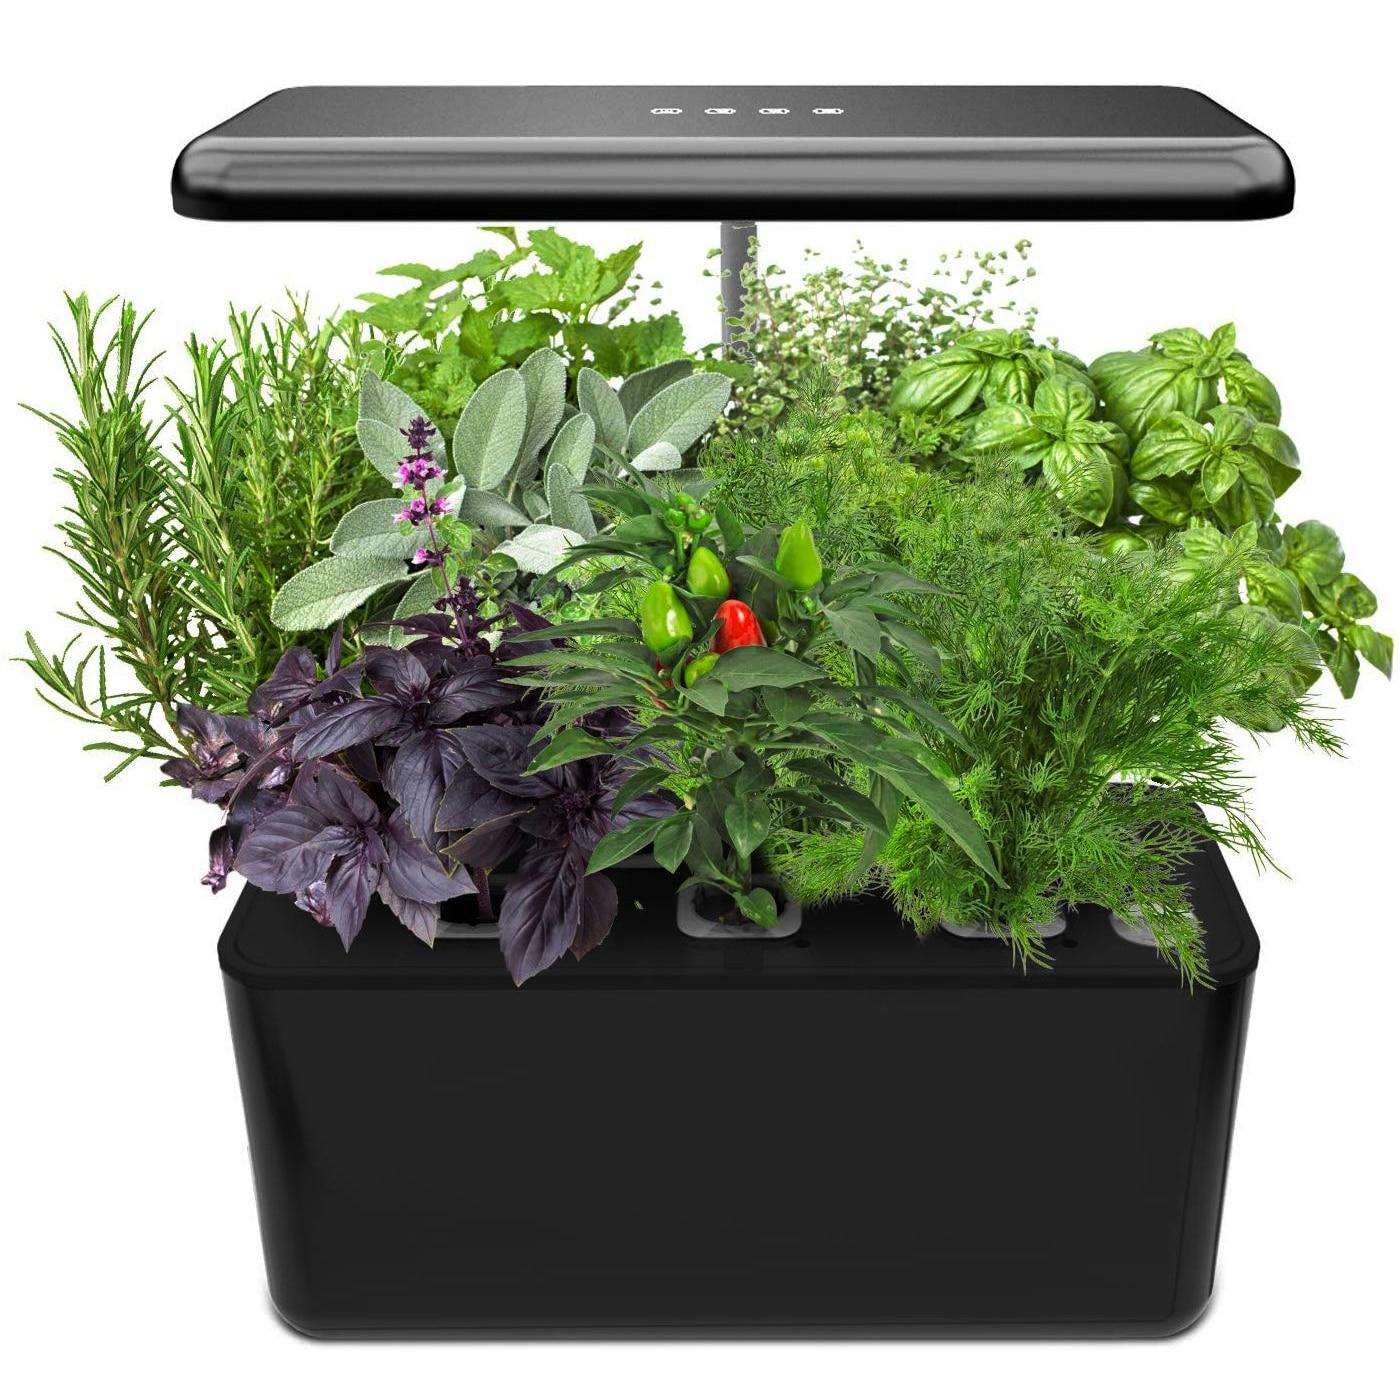 الزراعة المائية نظام النمو ، داخلي عشب حديقة بداية عدة مع LED تنمو ضوء ، الذكية حديقة زارع للمطبخ المنزل ، التلقائي